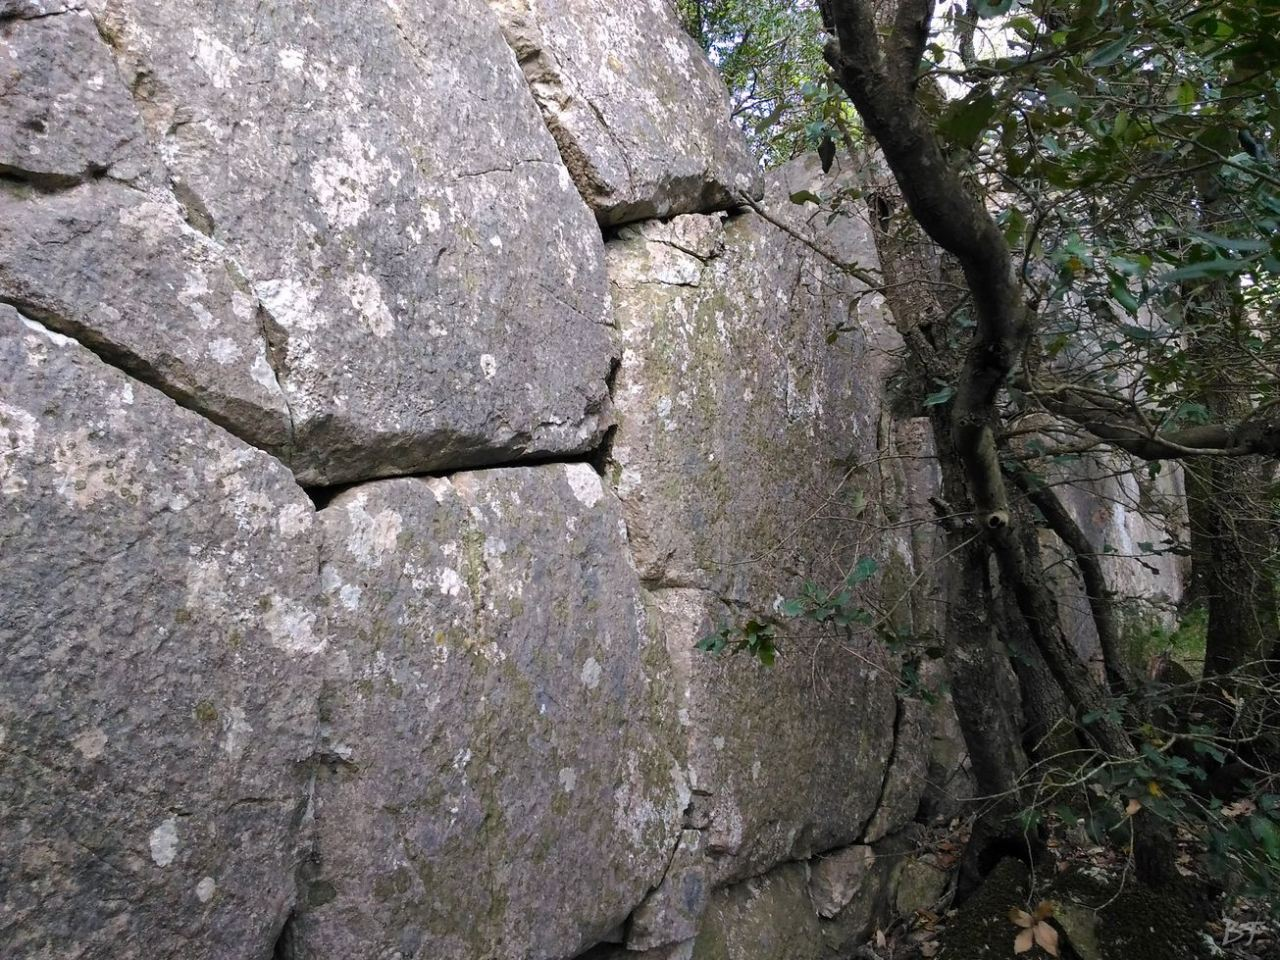 Circeii-Mura-Megalitiche-Poligonali-Latina-Lazio-Italia-21